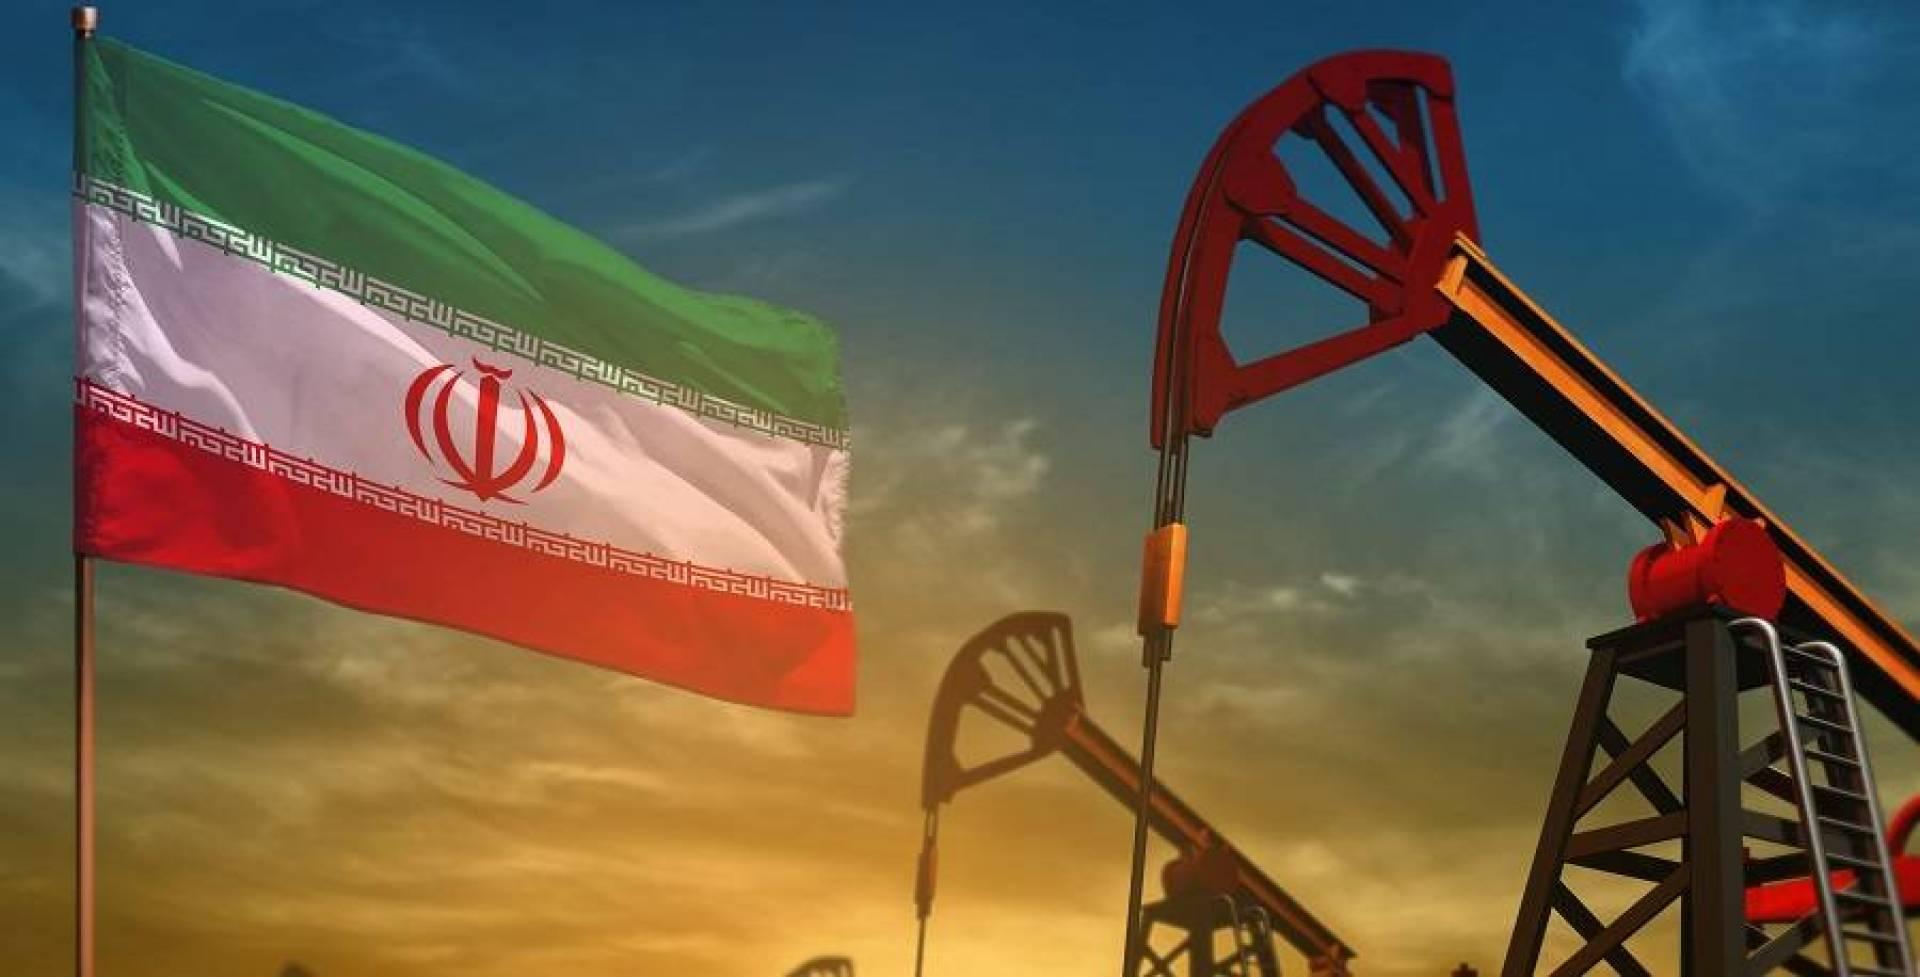 إيران تشترط الحصول على 15 مليار دولار للالتزام بالاتفاق النووي